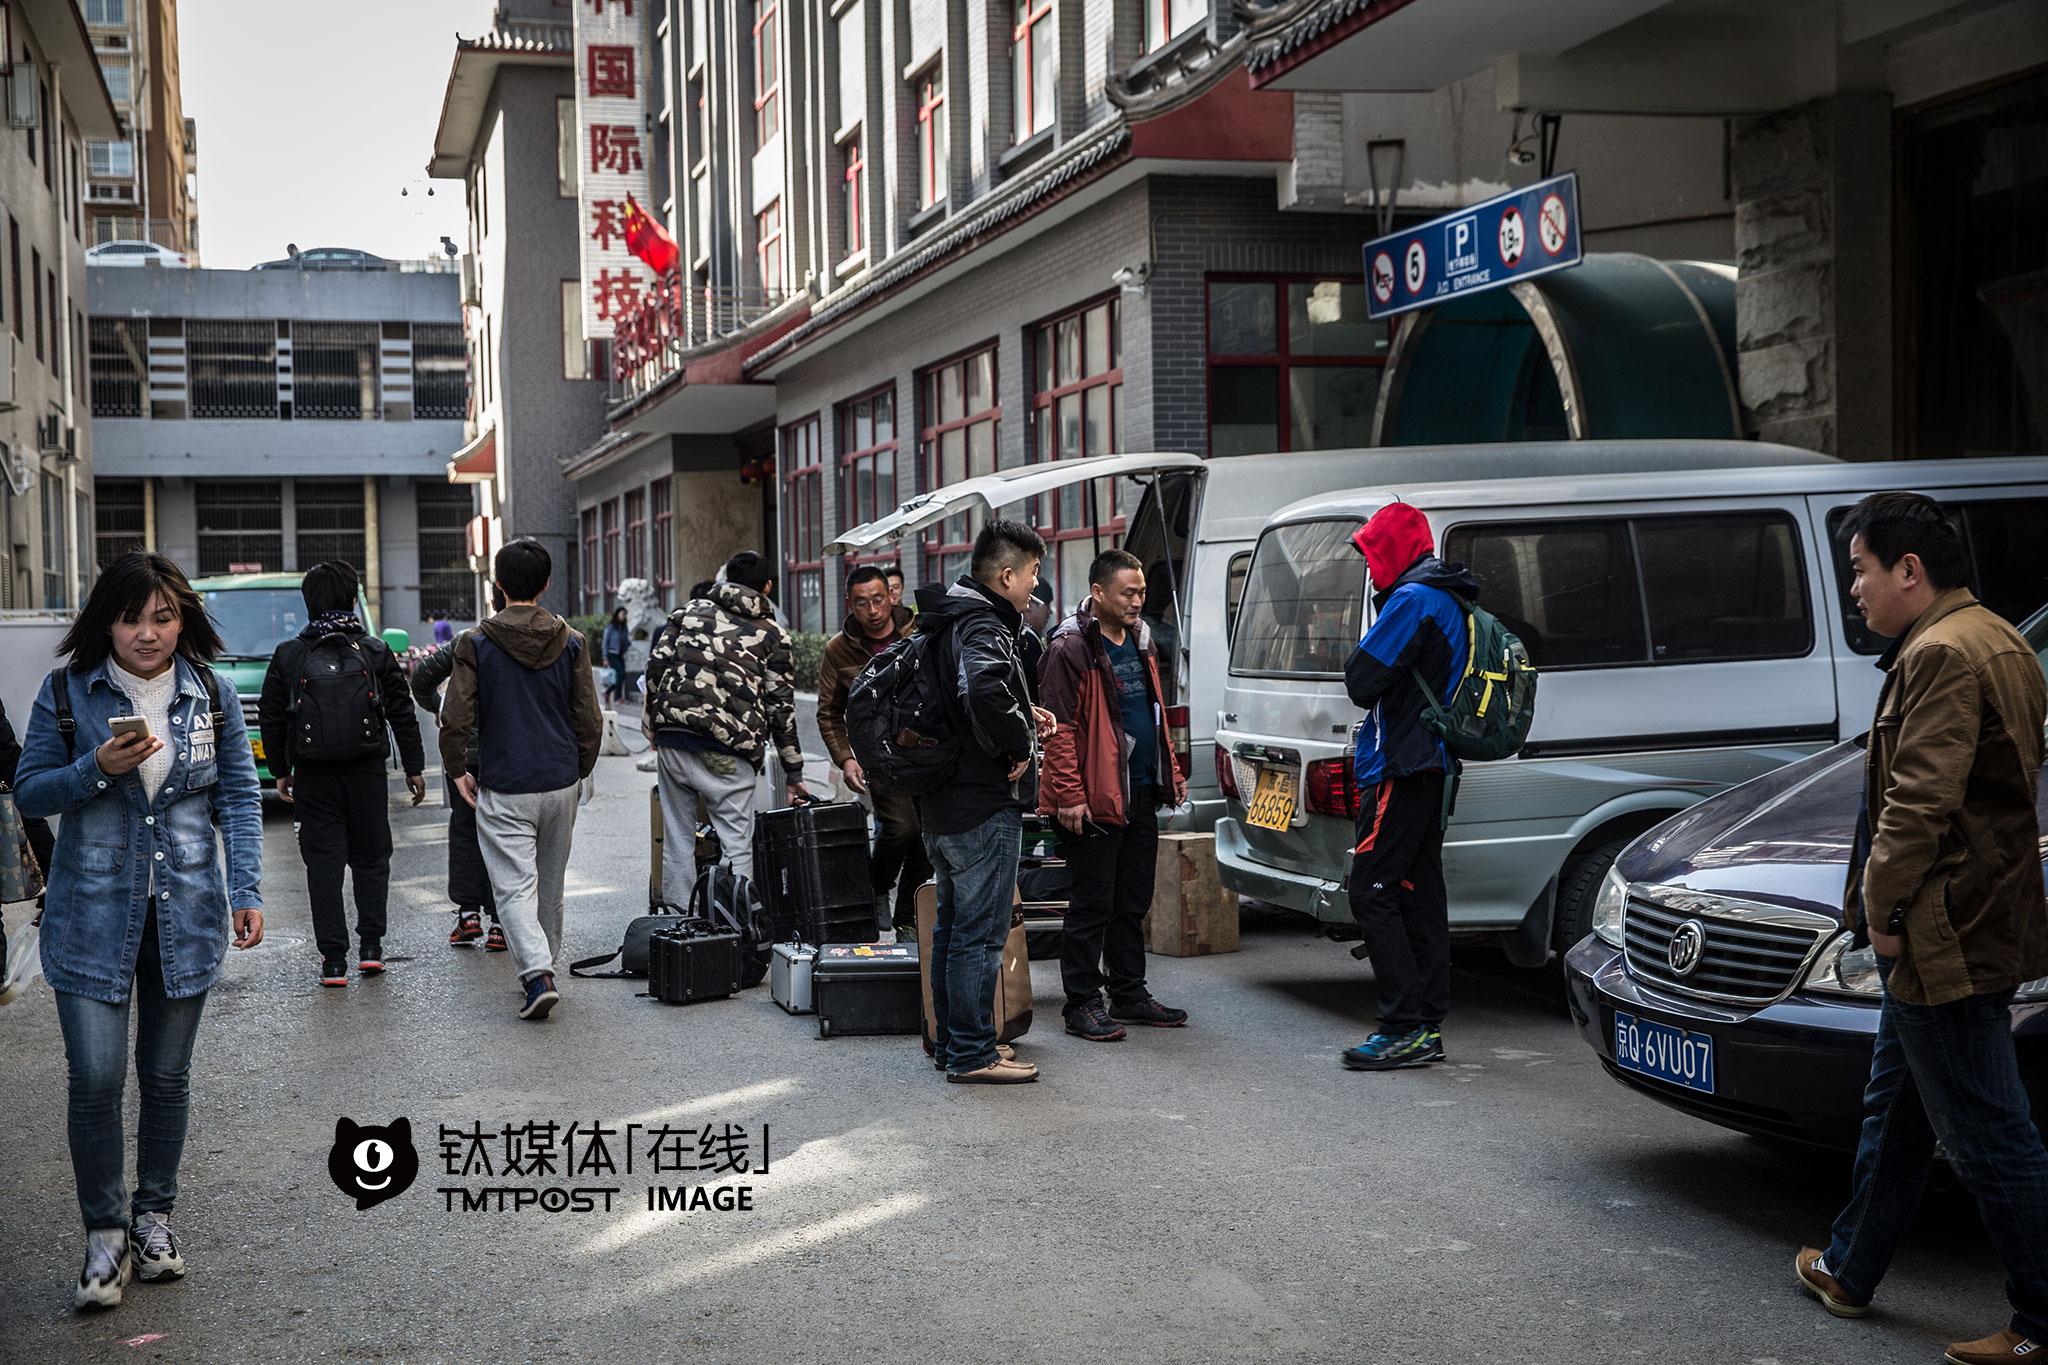 结束了在北京的拍摄,剧组准备开赴河北。